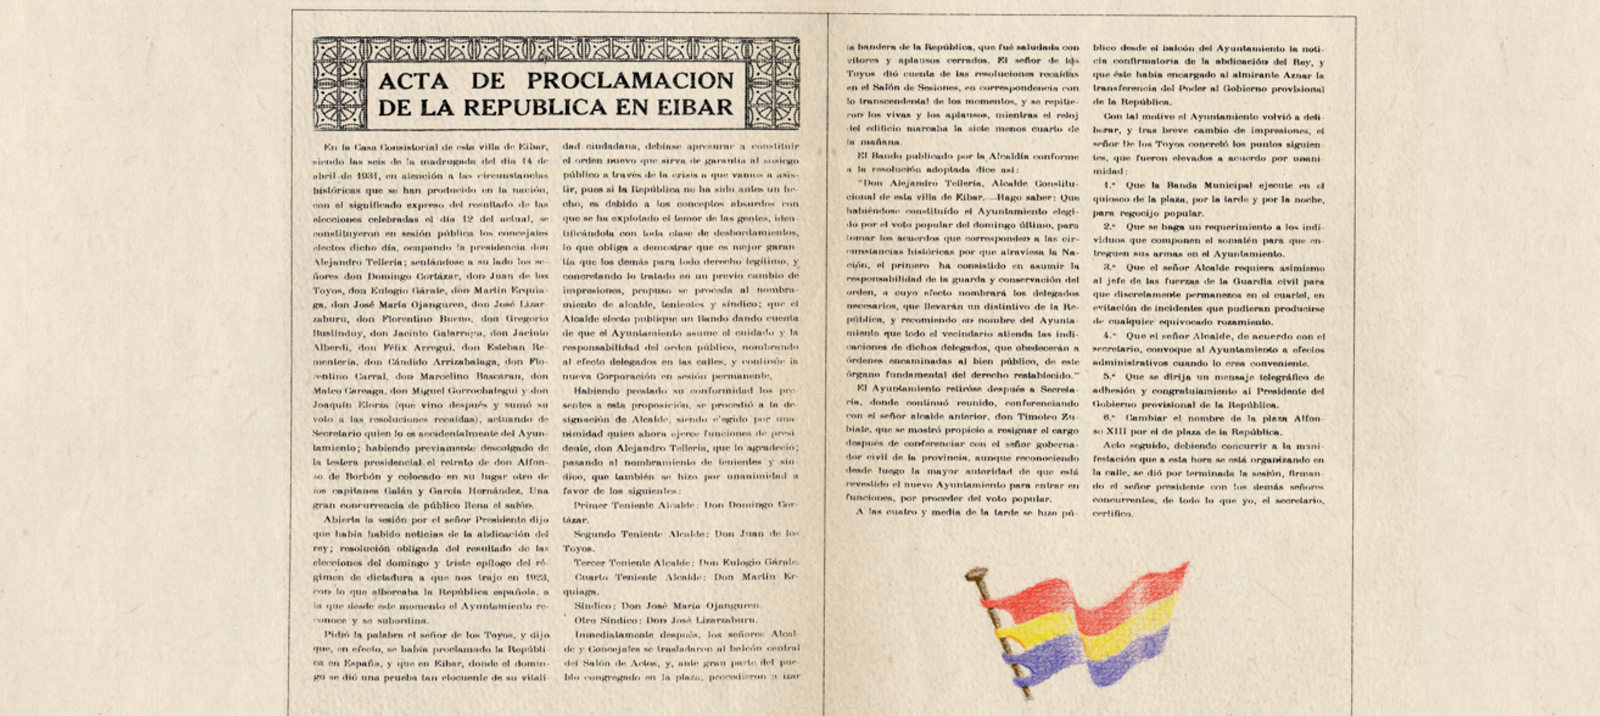 Acta proclamacion II republica